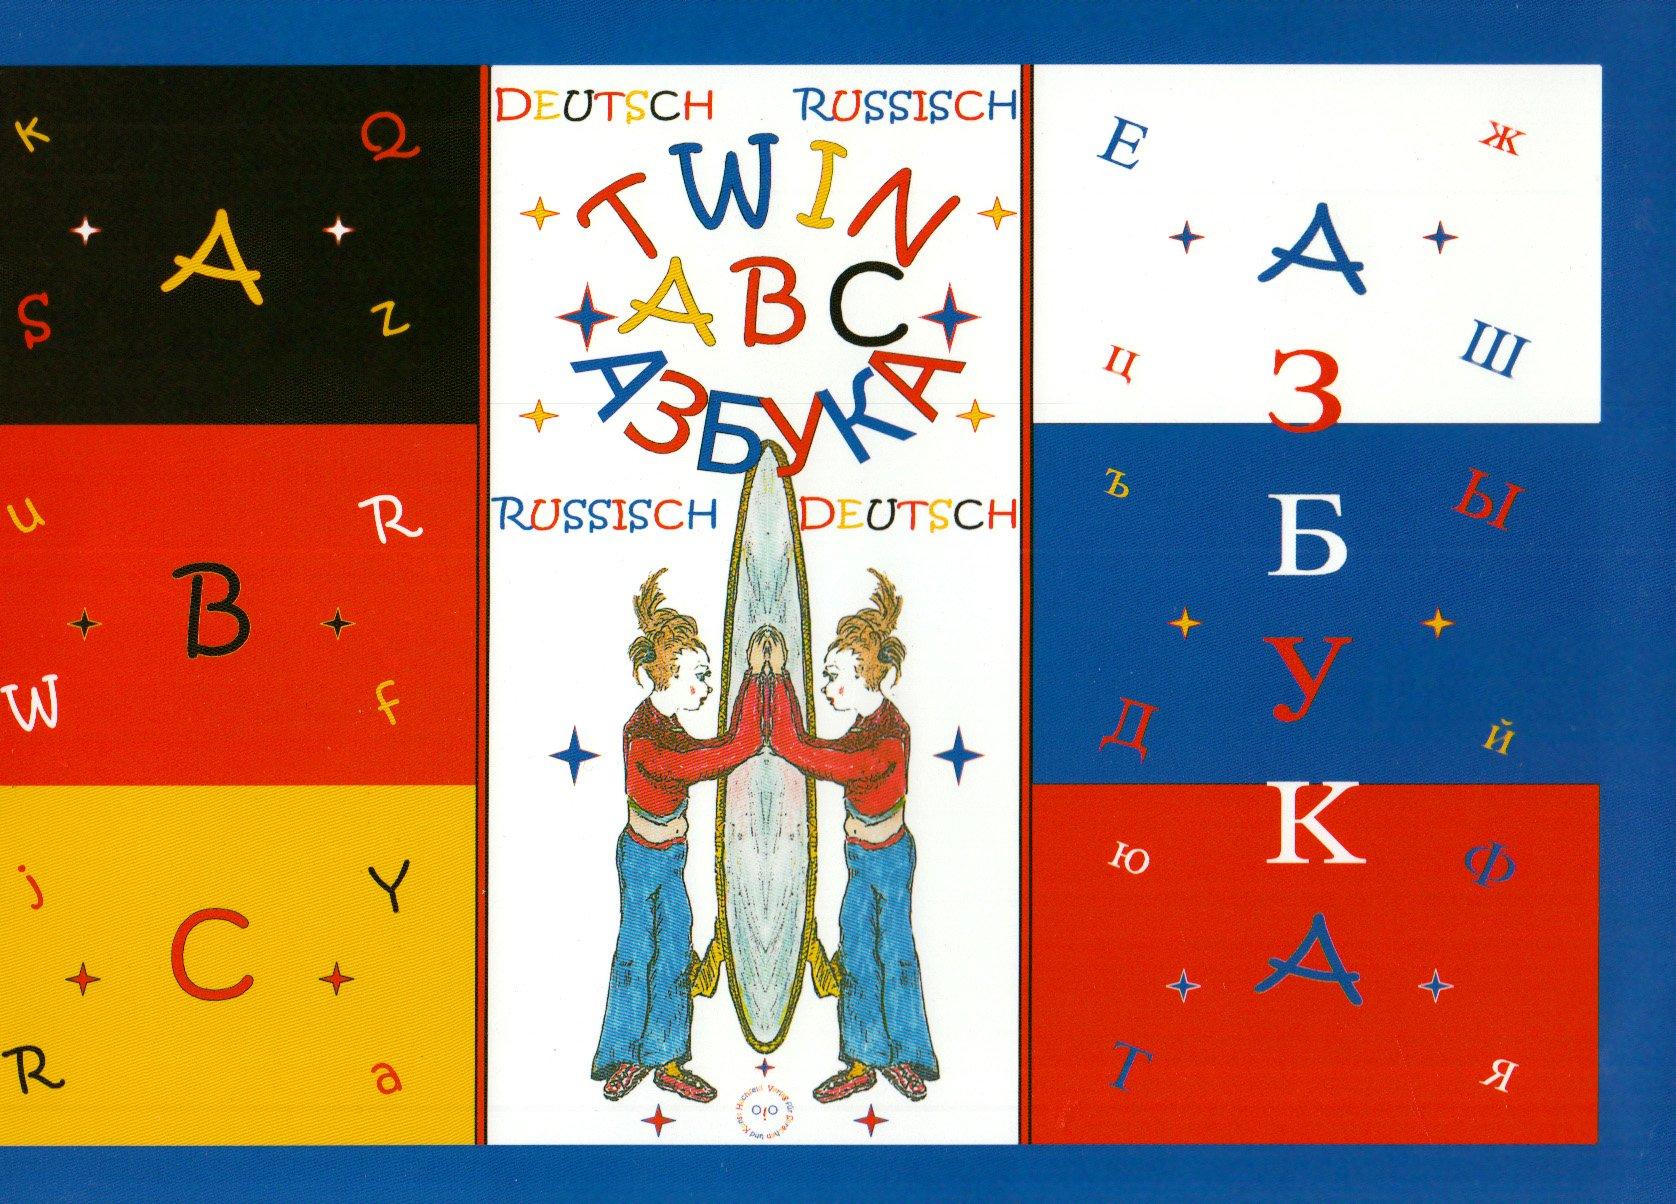 TWIN-ABC in Deutsch und Russisch